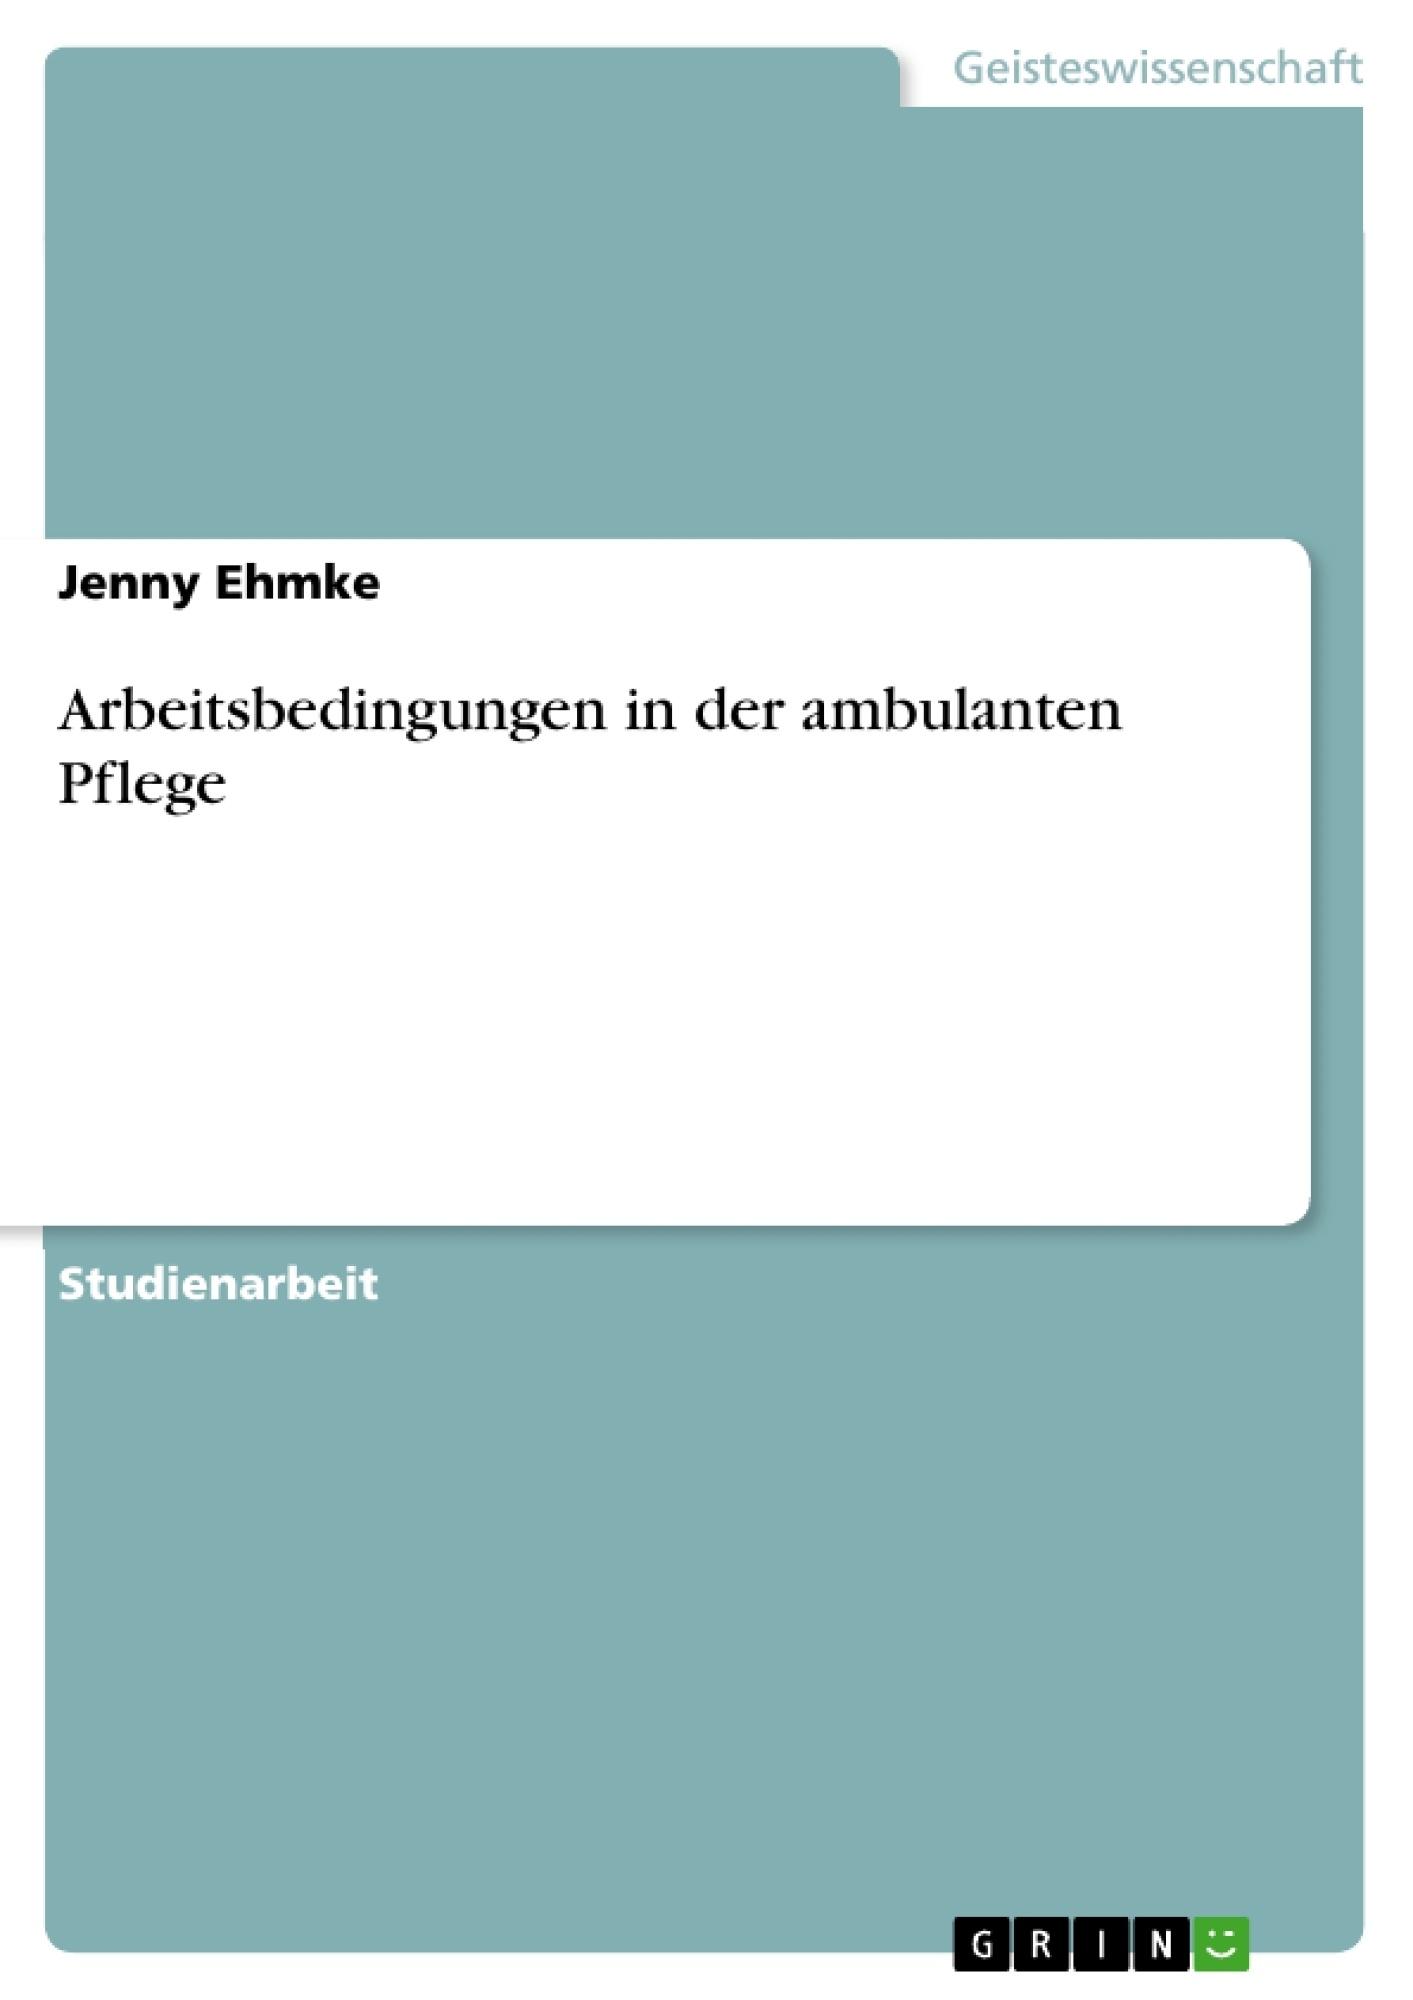 Titel: Arbeitsbedingungen in der ambulanten Pflege